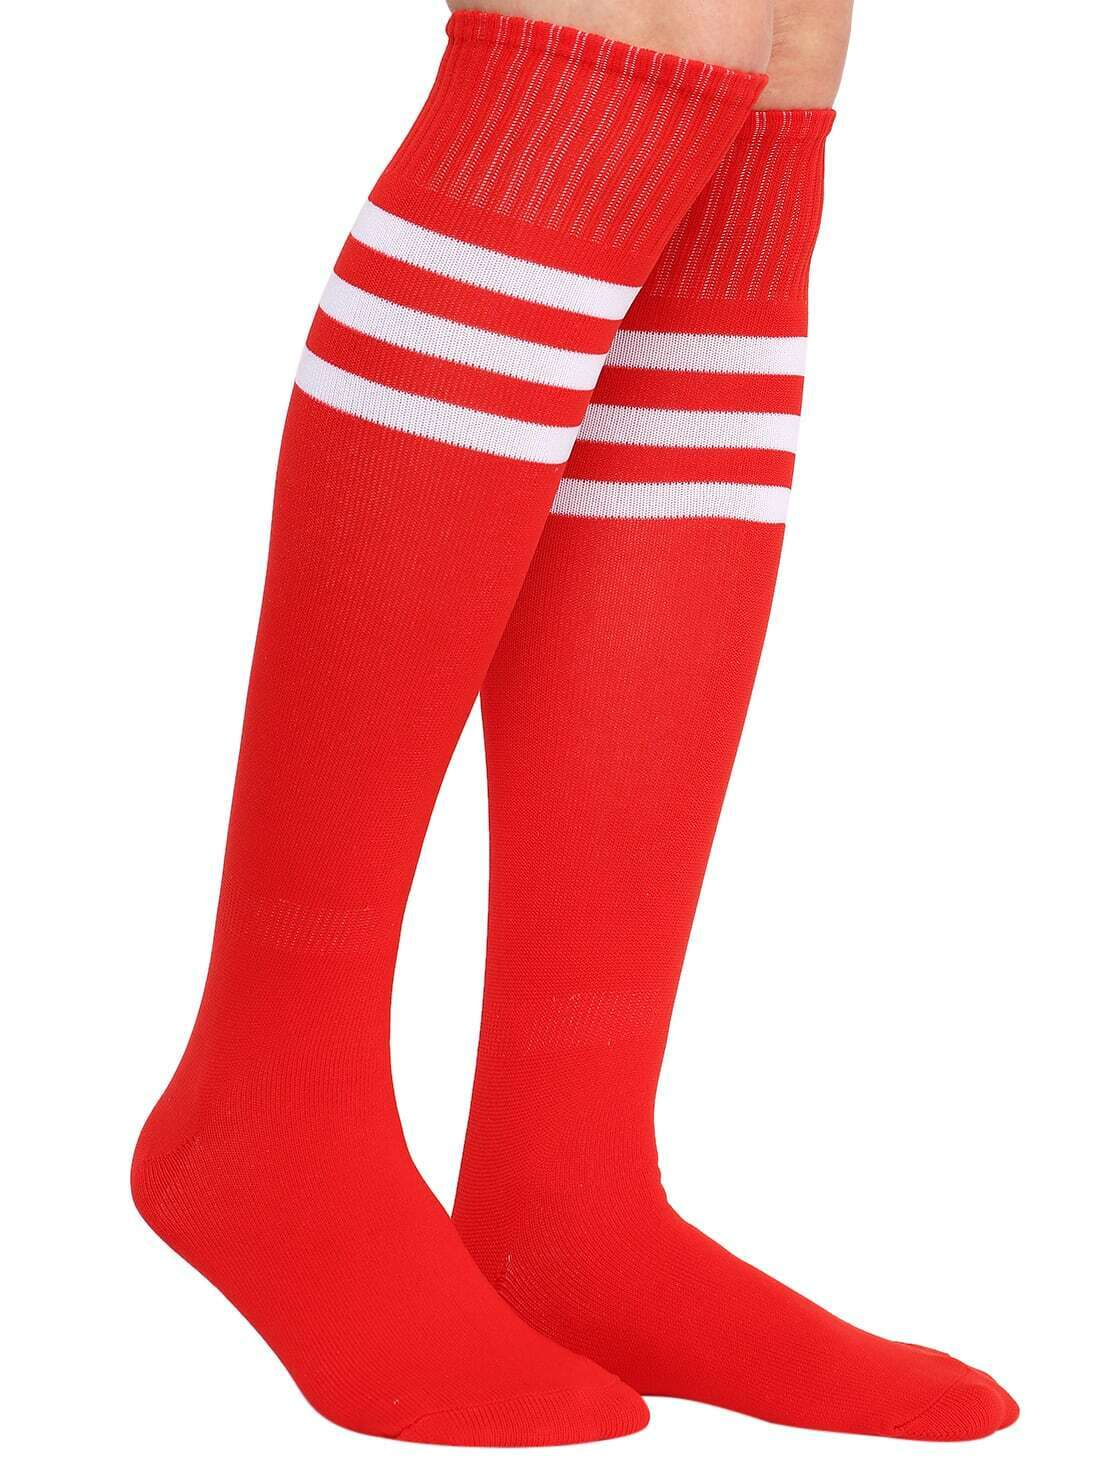 Medias rayas tubo rojo spanish romwe sitio m vil for Tubo corrugado rojo precio